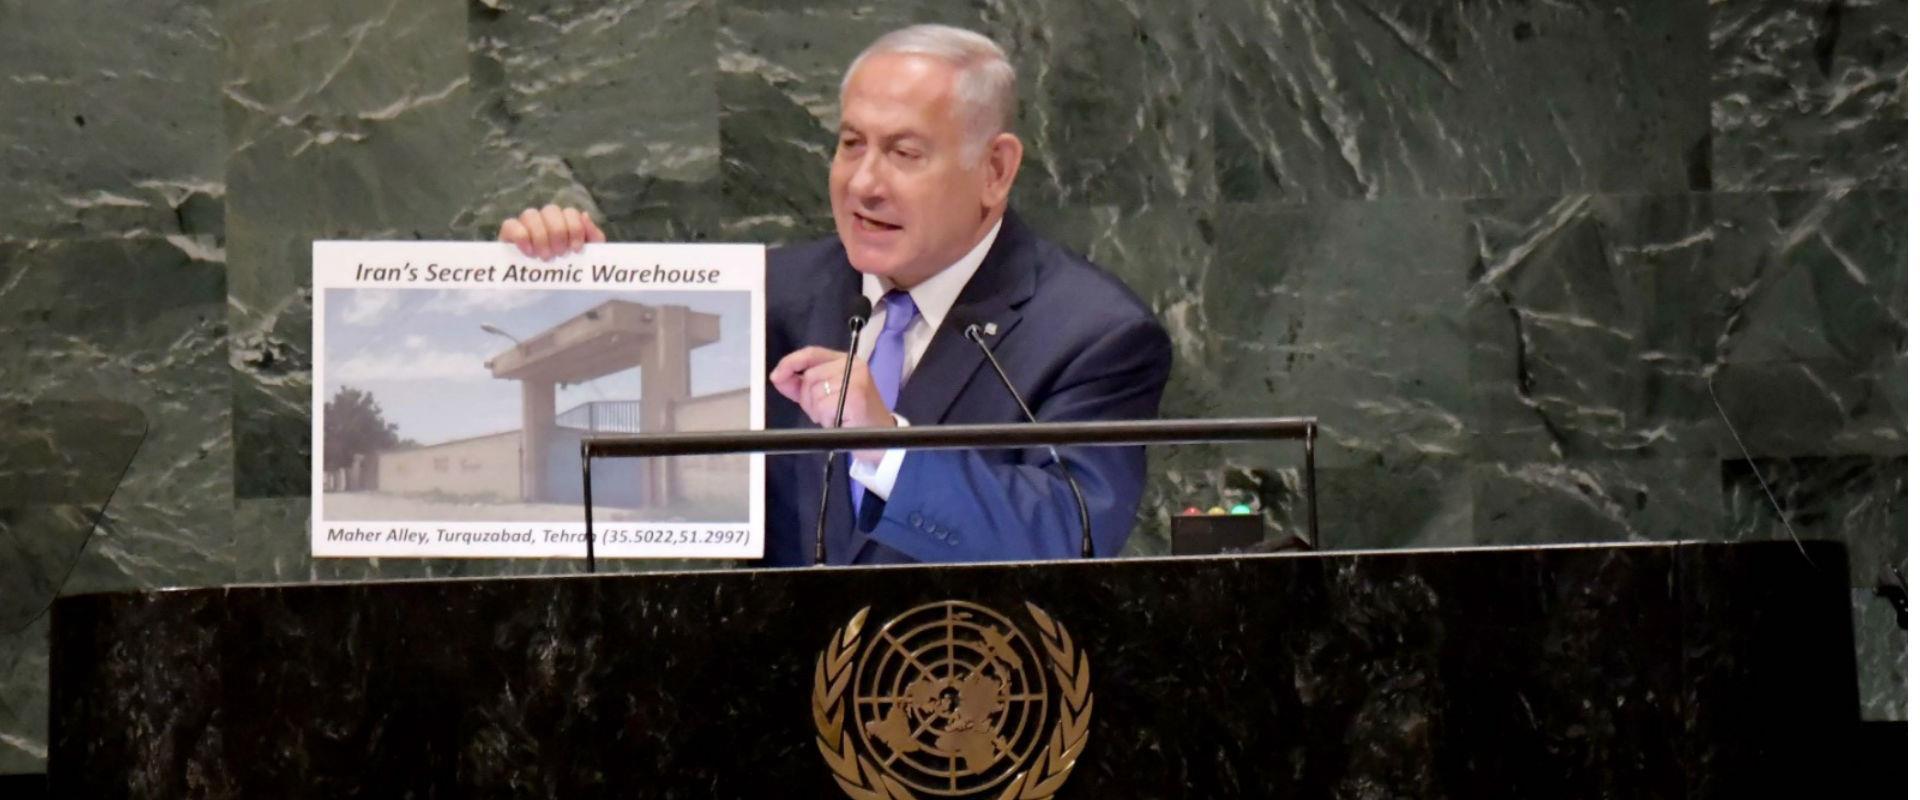 """נתניהו מציג את מתקן הגרעין האיראני באו""""ם"""